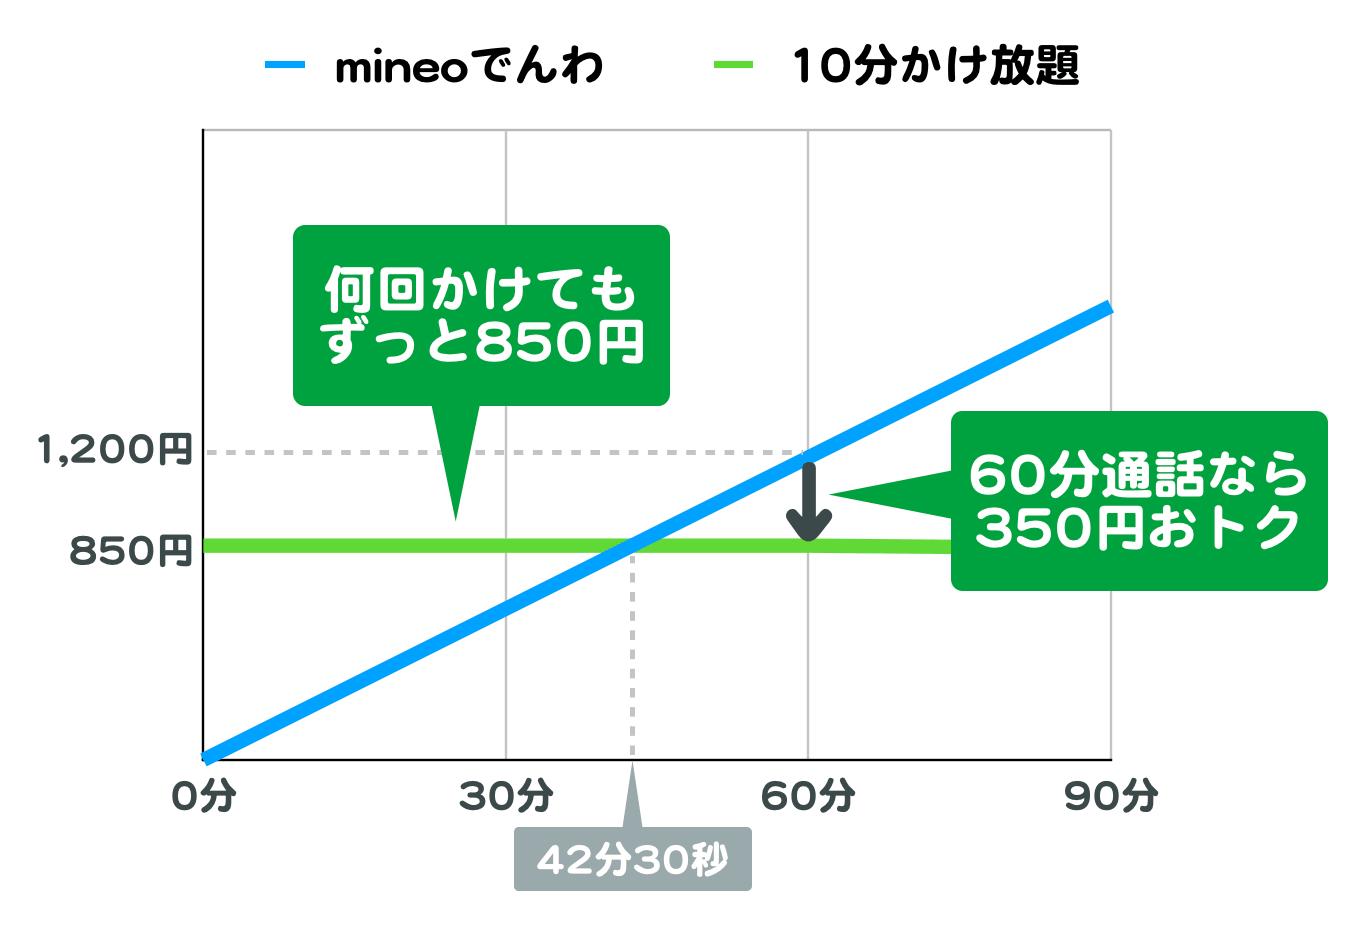 mineoでんわの「10分かけ放題」の料金グラフ。何分かけてもずっと850円。60分かけると350円おトク。